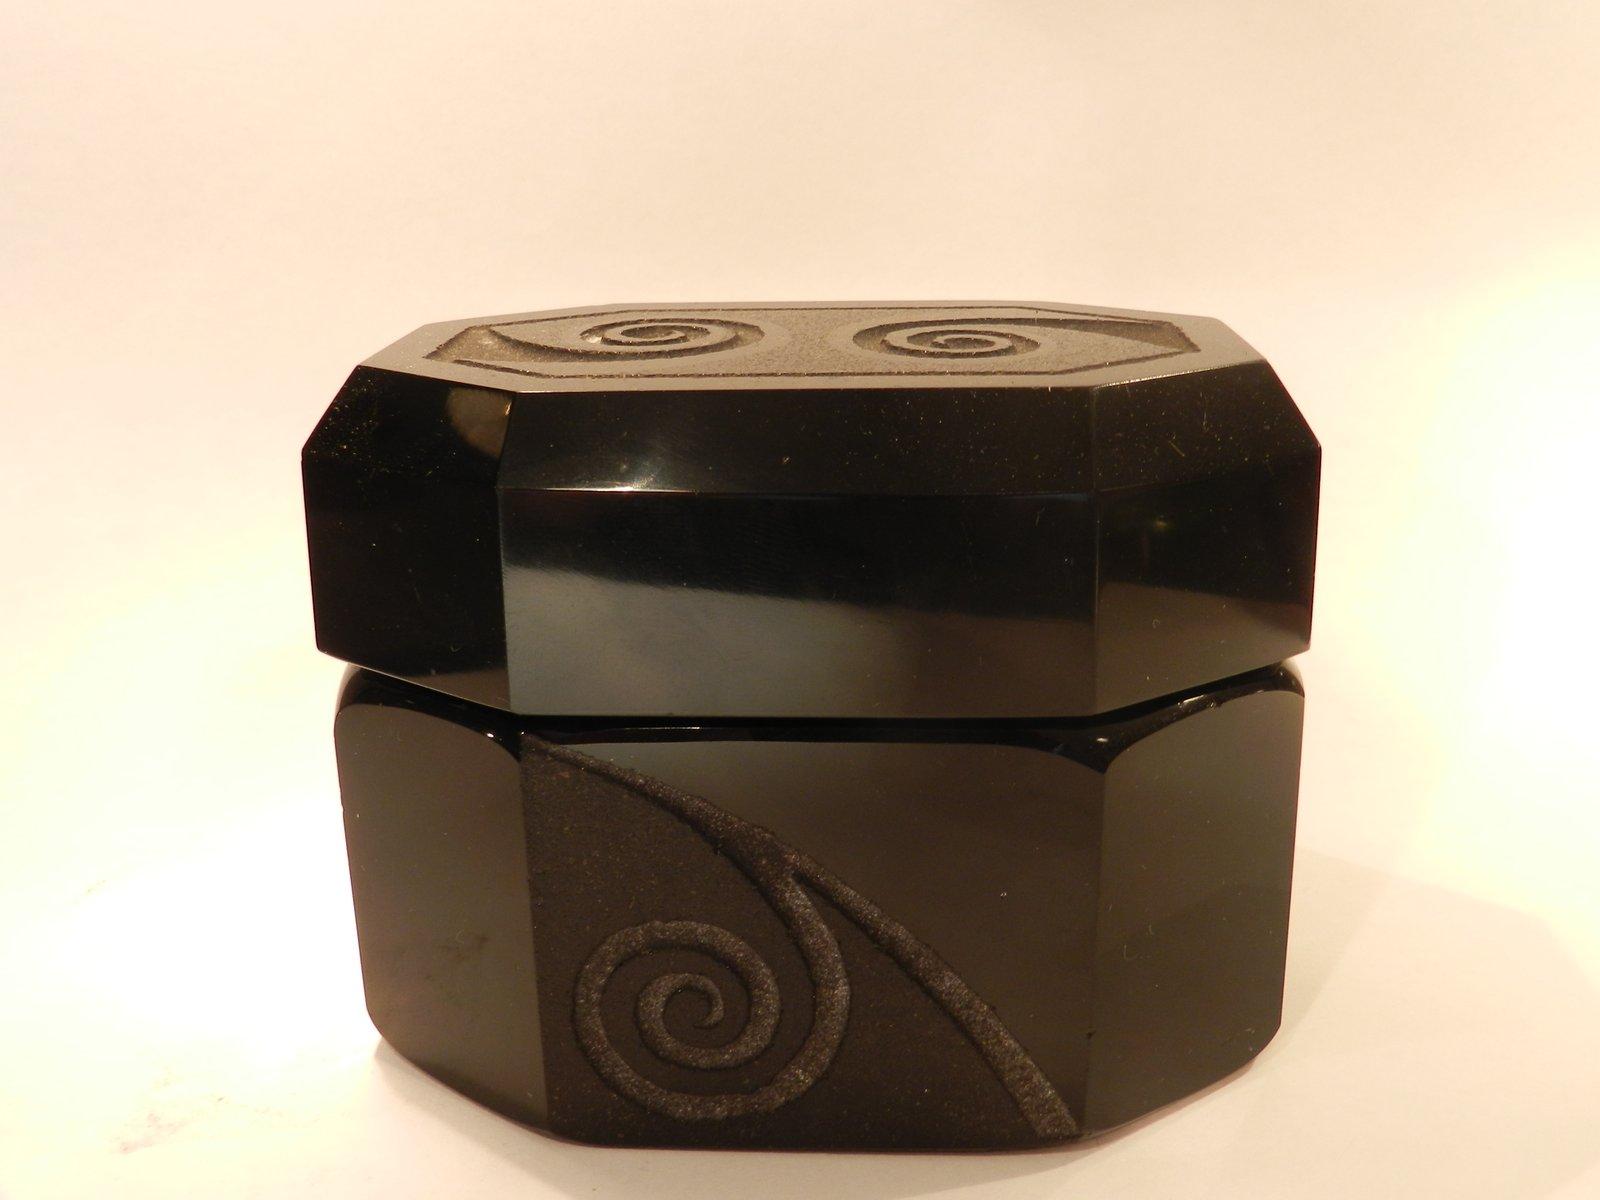 bo te bonbons noire en verre opaque par jean luce en. Black Bedroom Furniture Sets. Home Design Ideas